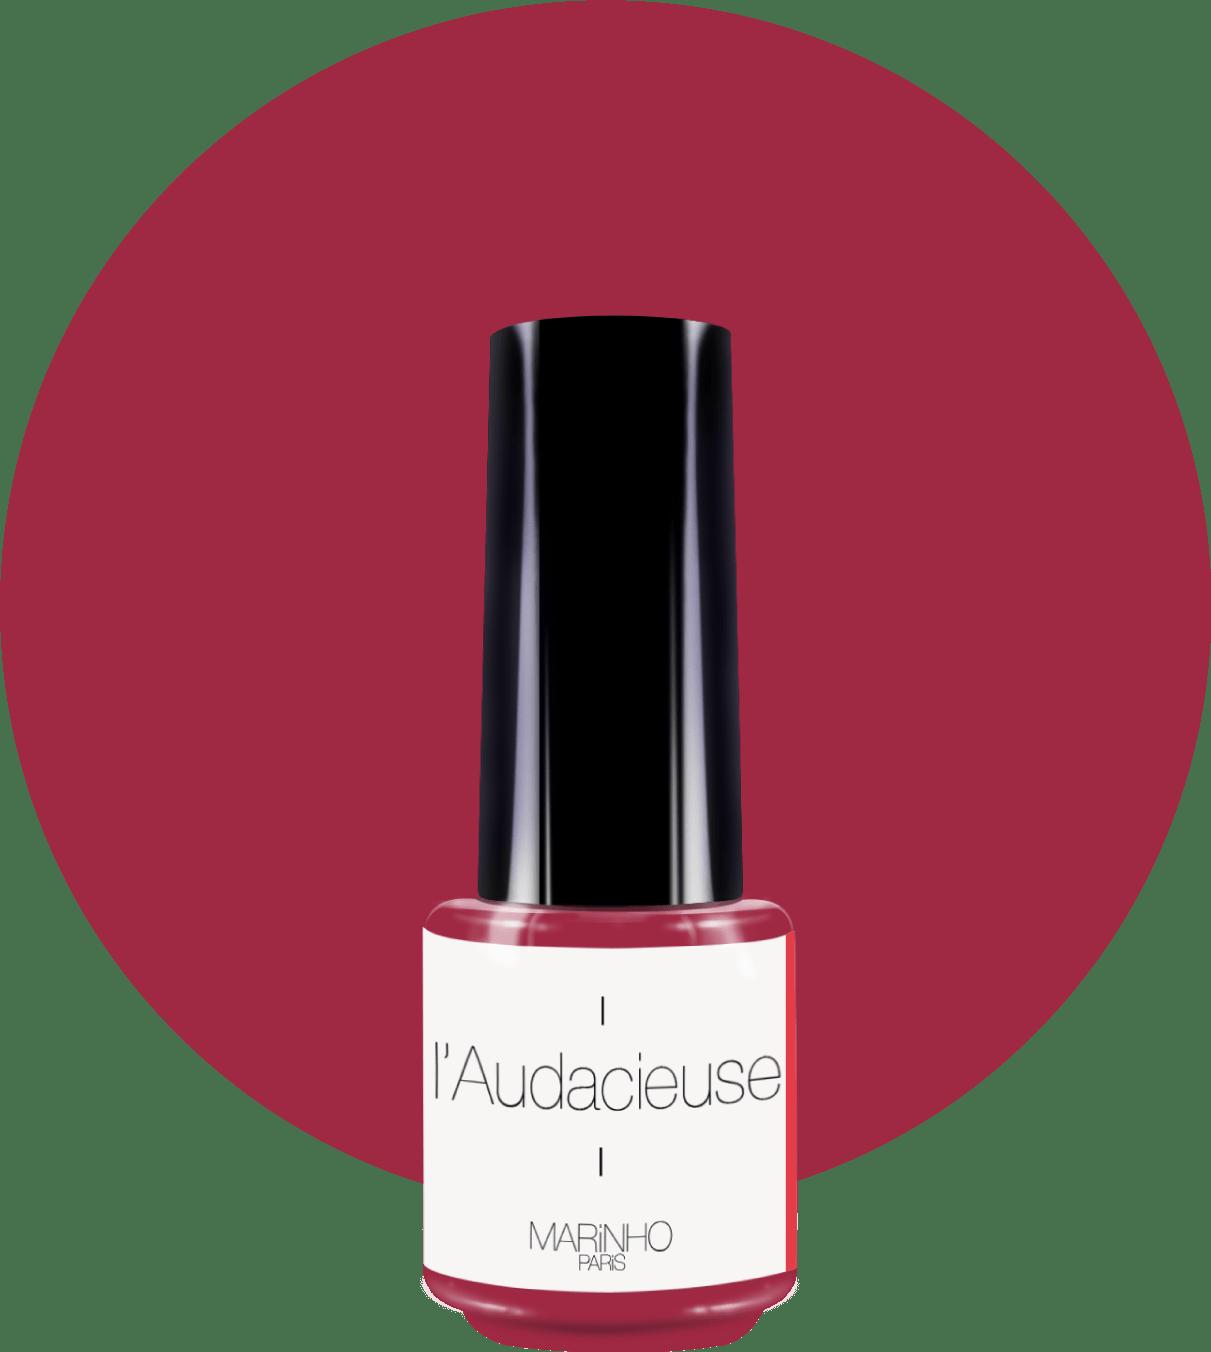 vernis semi-permanent rouge lie de vin marinho paris sur rond rouge